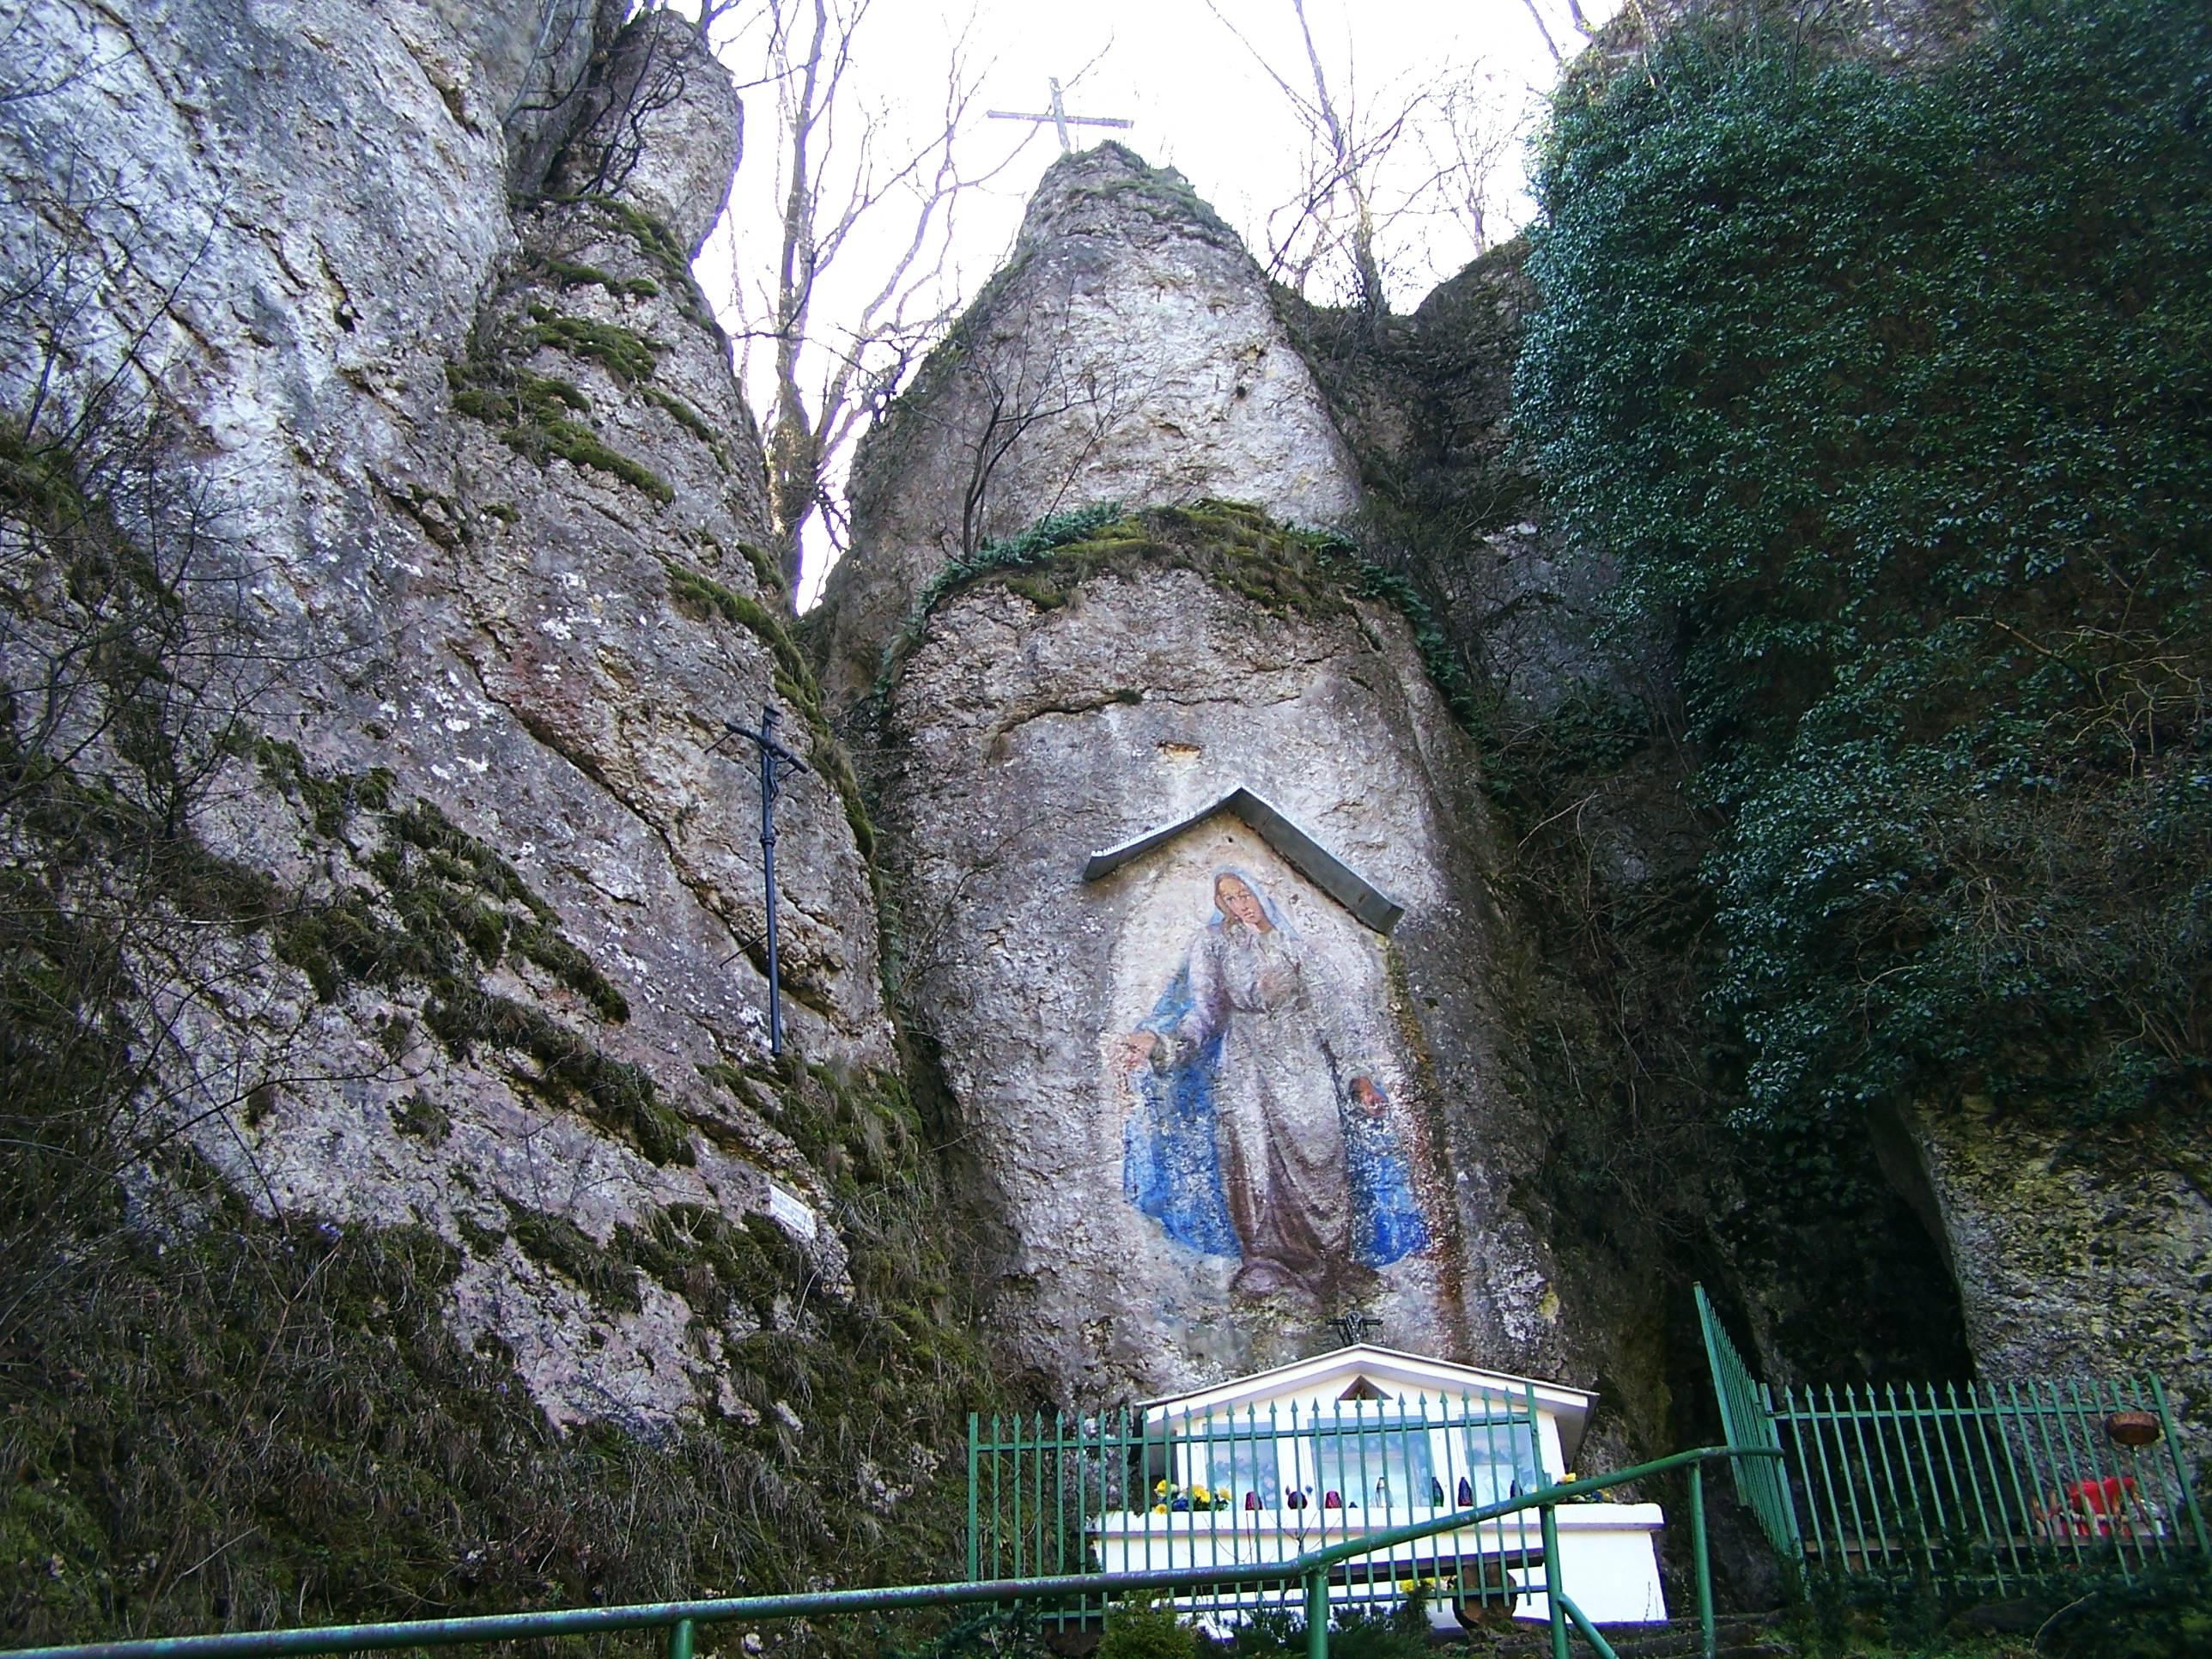 Dolina Mnikowska - kilkumetrowy wizerunek Matki Boskiej namalowany na skale